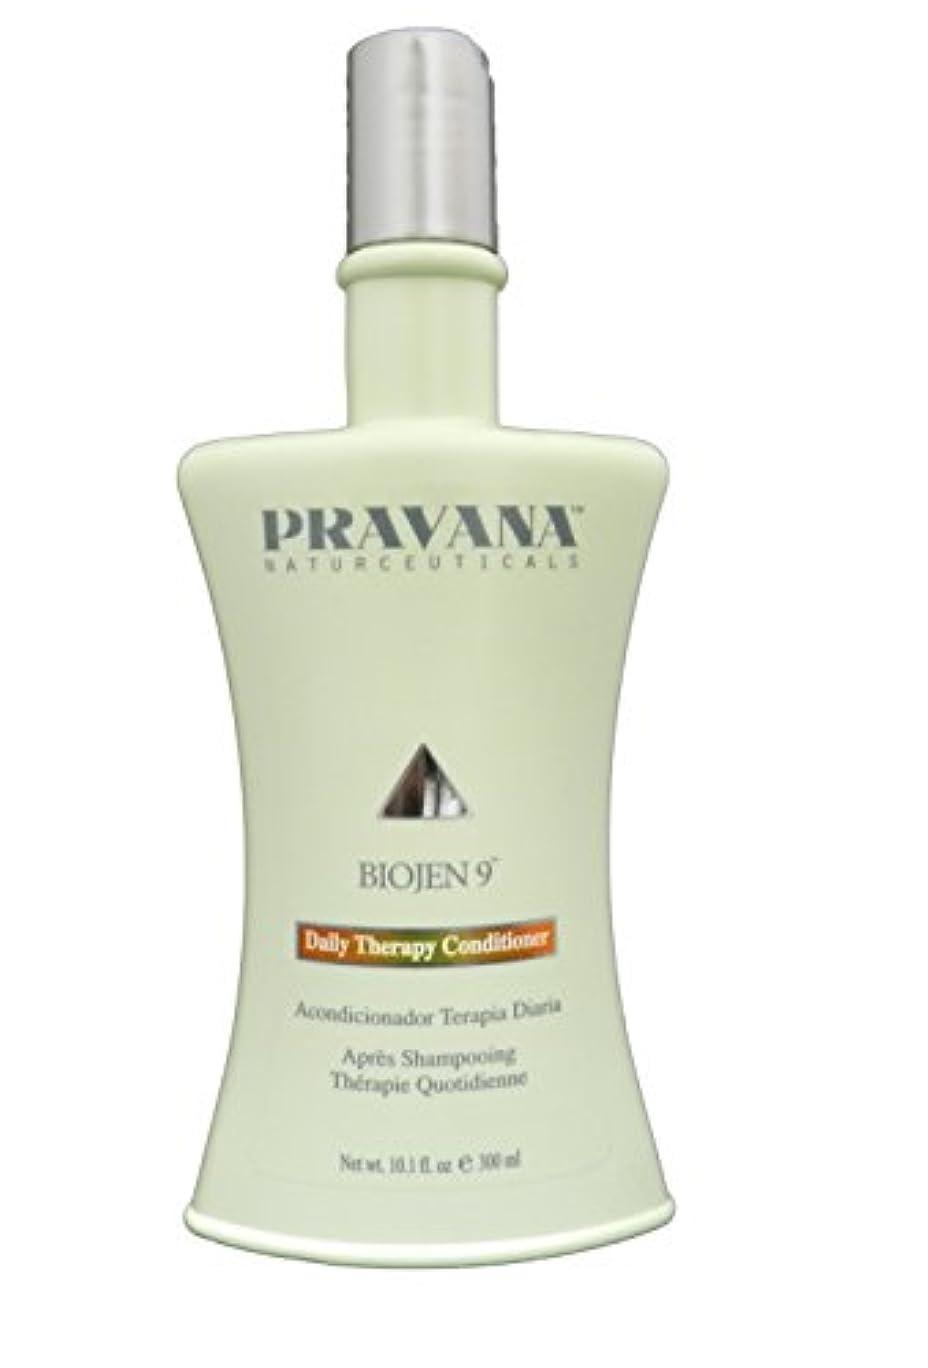 明快量で大胆不敵Pravana BIOJEN 9デイリーセラピーコンディショナー10.1オンス(300ミリリットル)